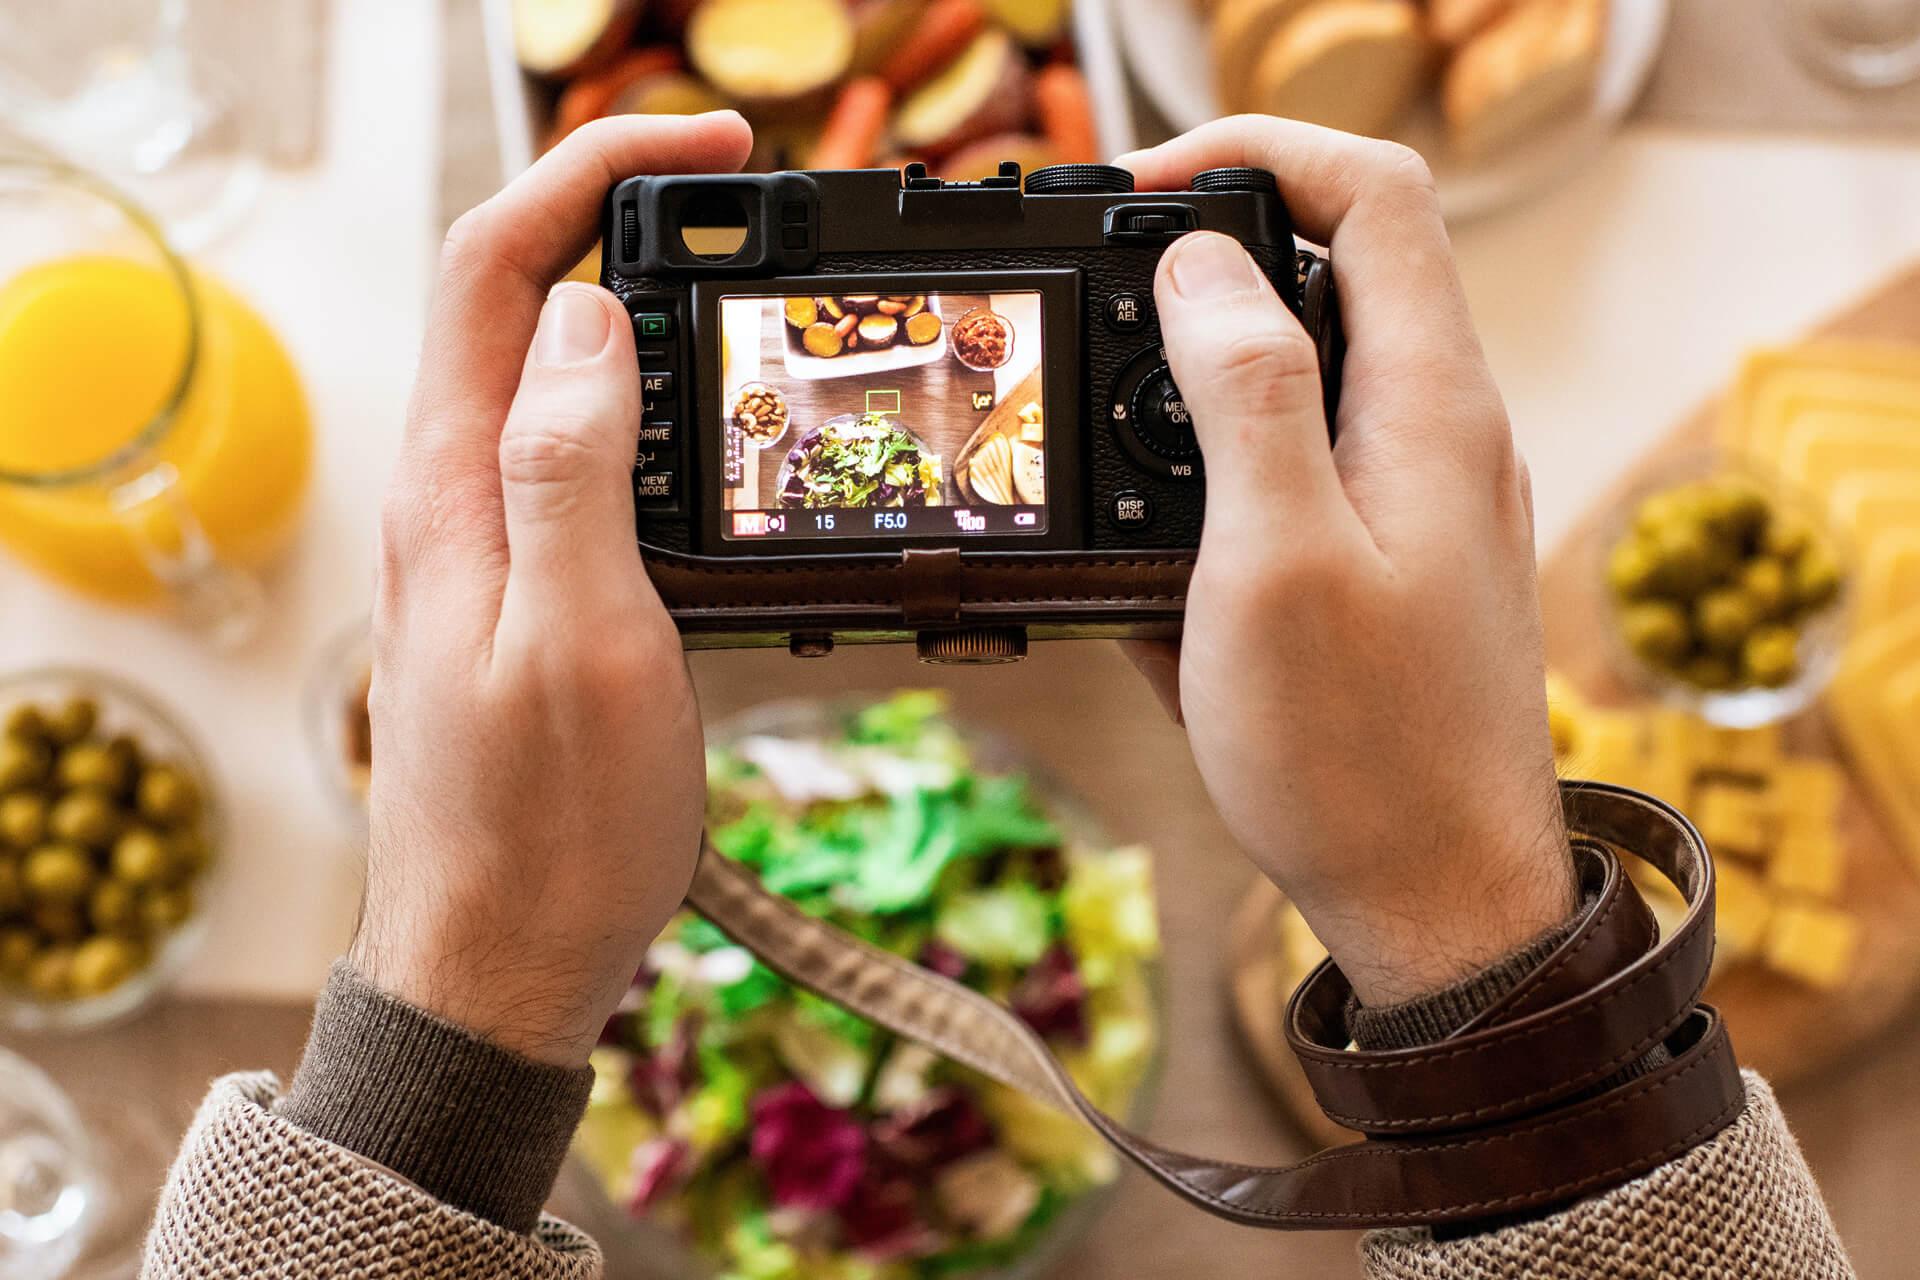 Skąd pozyskać zdjęcia do marketingu?